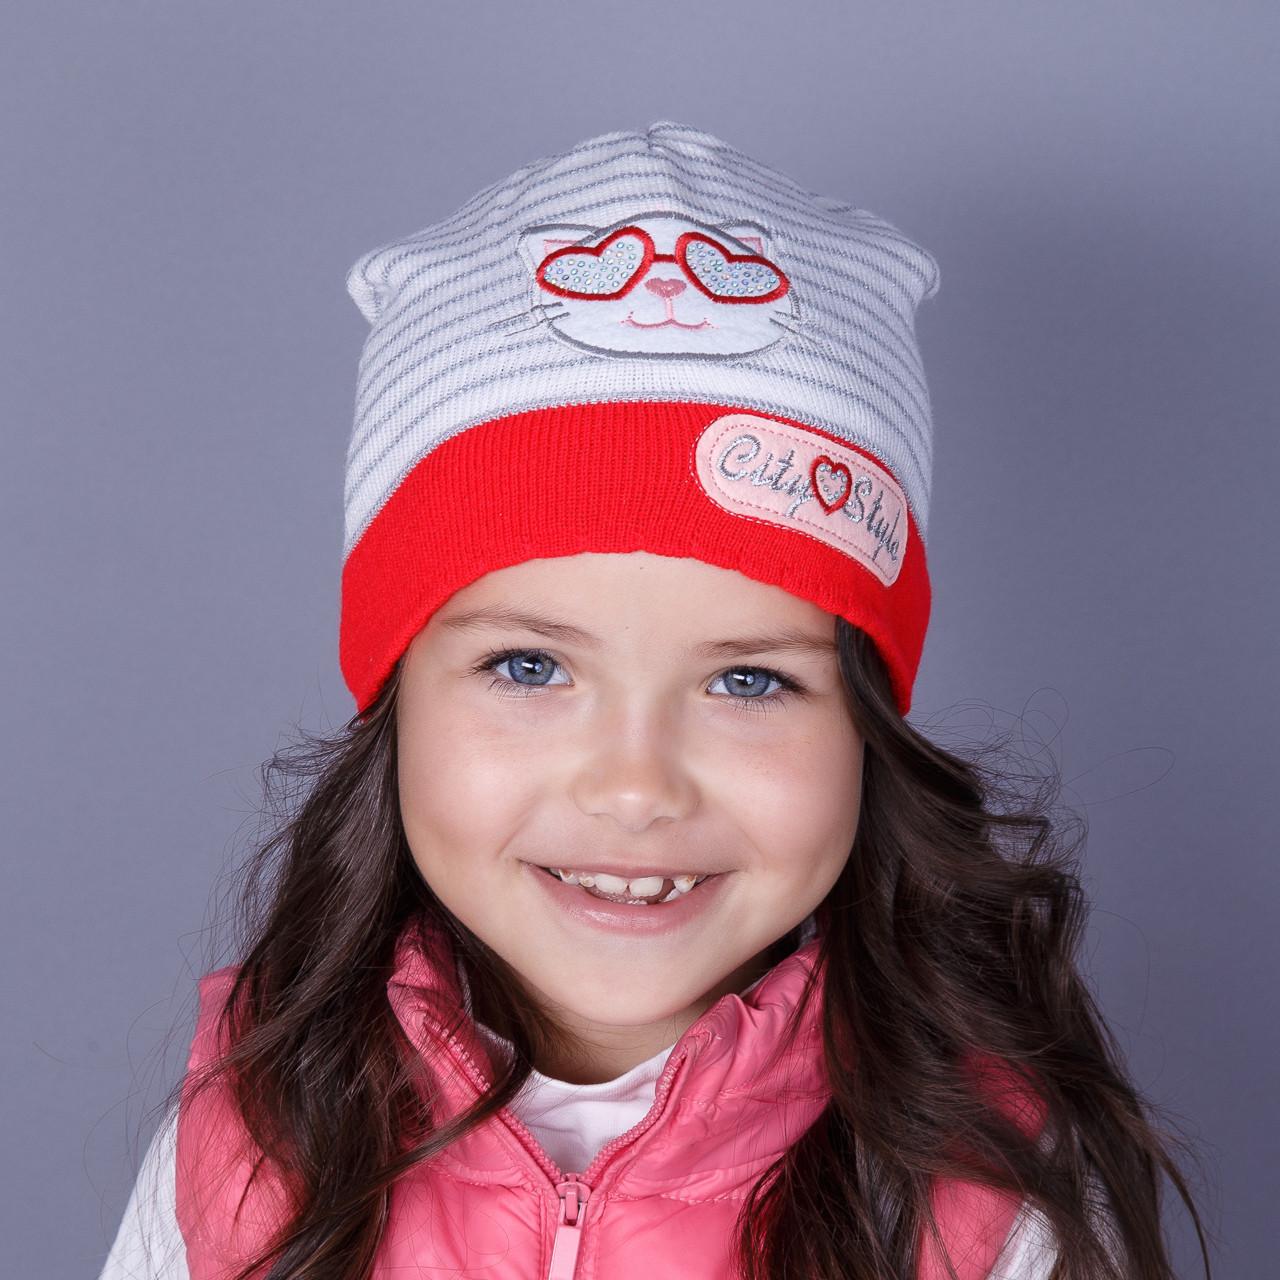 Модная вязанная шапка для девочек оптом - City Style - осень  - Артикул 1509